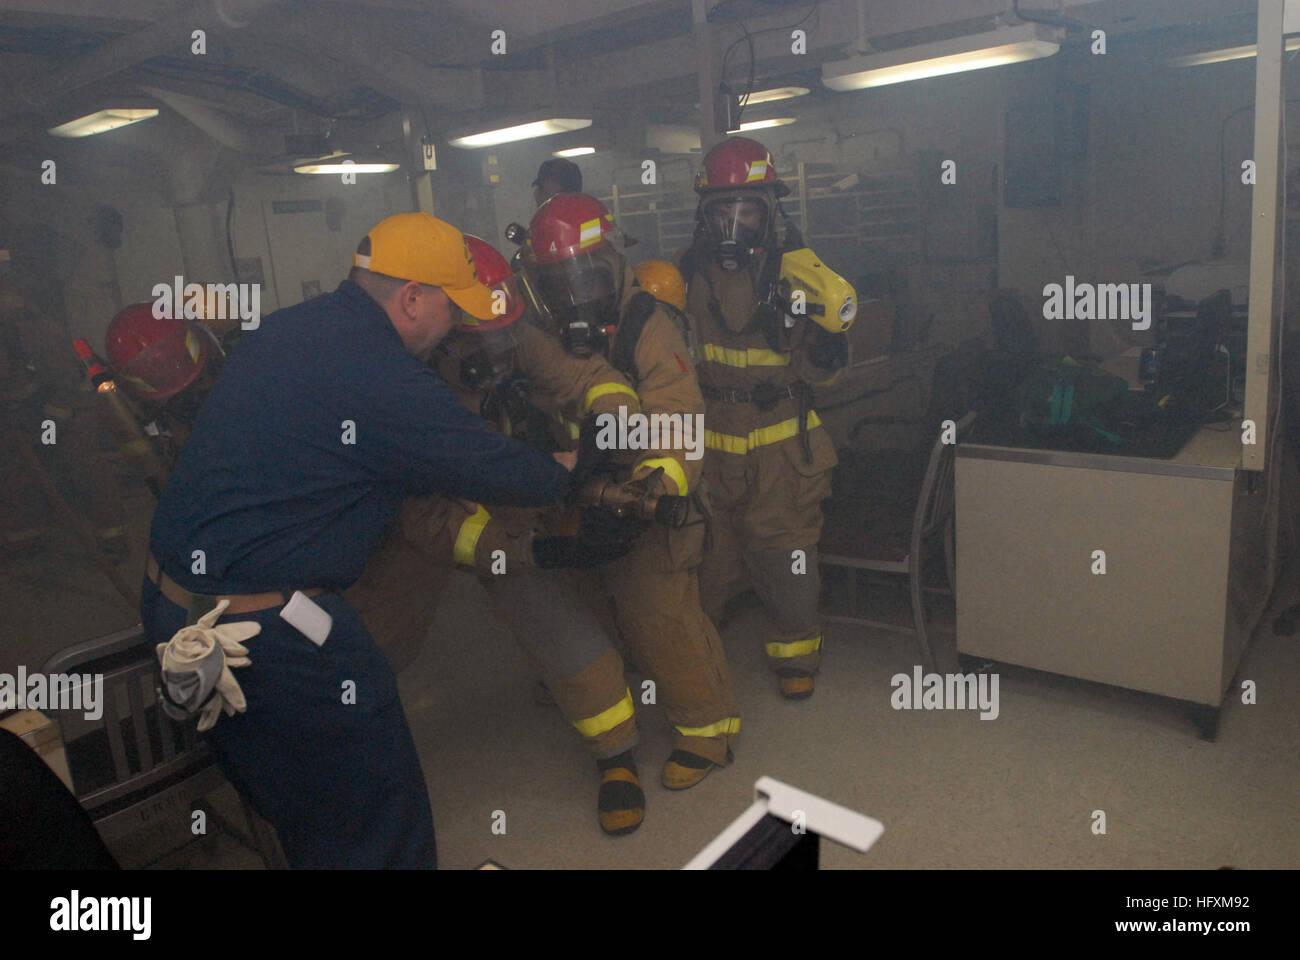 090704-N-5749W-303 ARABIAN SEA (4. Juli 2009) Senior Chief Machinist's Mate Mark McQuate weist ein Feuerwehr-Team in allgemeinen Quartalen Ausbildung an Bord des Flugzeugträgers USS Ronald Reagan (CVN-76). Ronald Reagan in den USA bereitgestellt wird 5. Flotte Aufgabengebiet. (Foto: U.S. Navy Masse Kommunikation Spezialist Seemann Lex T. Wenberg/freigegeben) US Navy 090704-N-5749W-303 des Maschinisten Senior Chief Mate Mark McQuate weist ein Feuerwehr-Team in allgemeinen Quartalen Ausbildung an Bord des Flugzeugträgers USS Ronald Reagan (CVN-76) Stockfoto